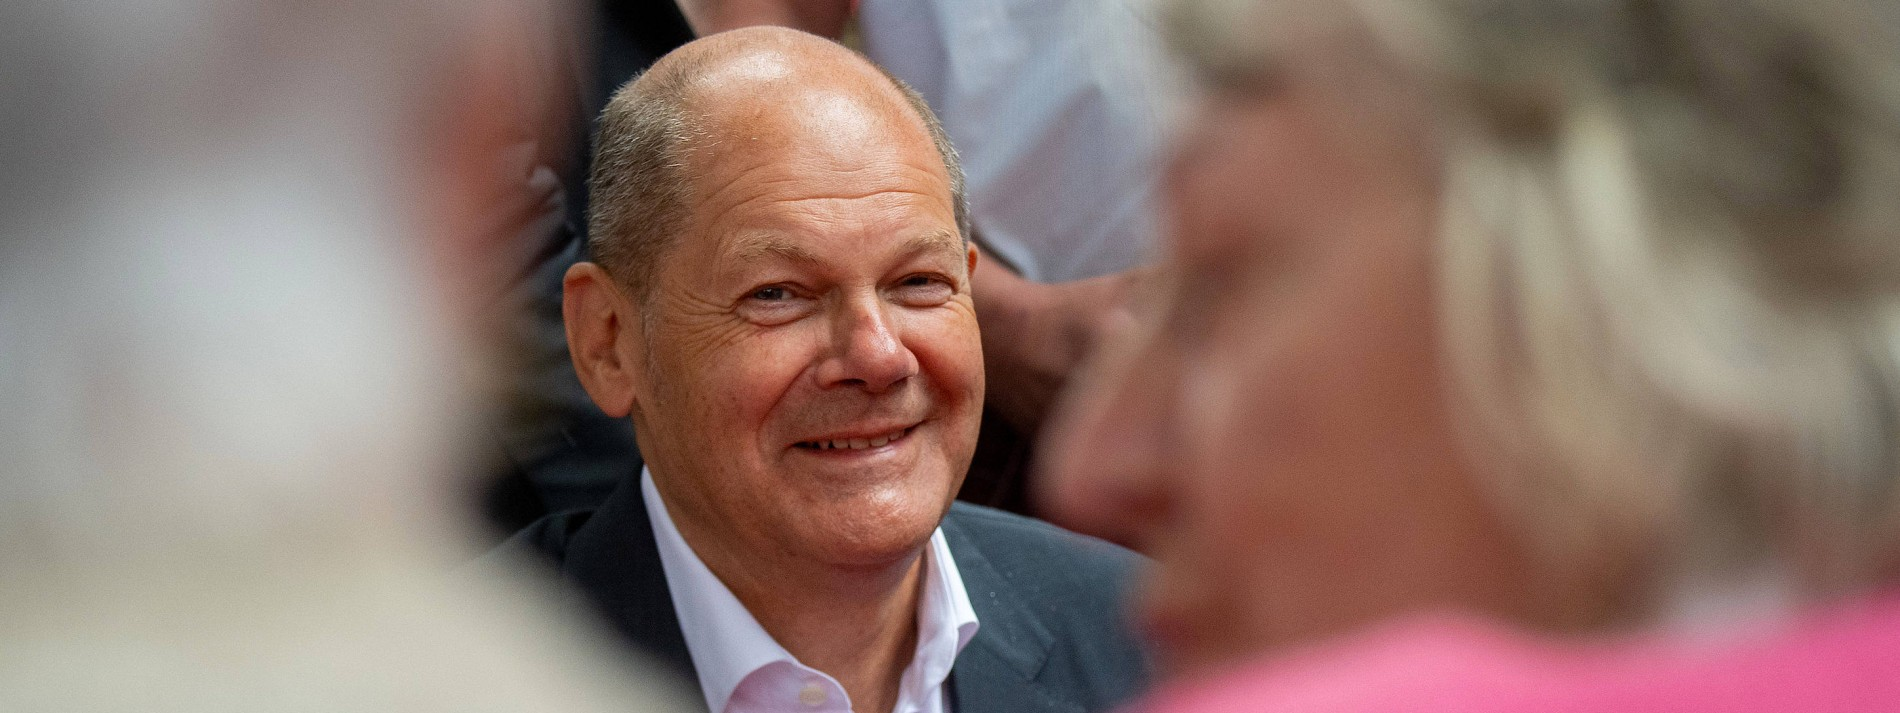 Scholz nennt Laschets Steuerpläne unfinanzierbar und unmoralisch